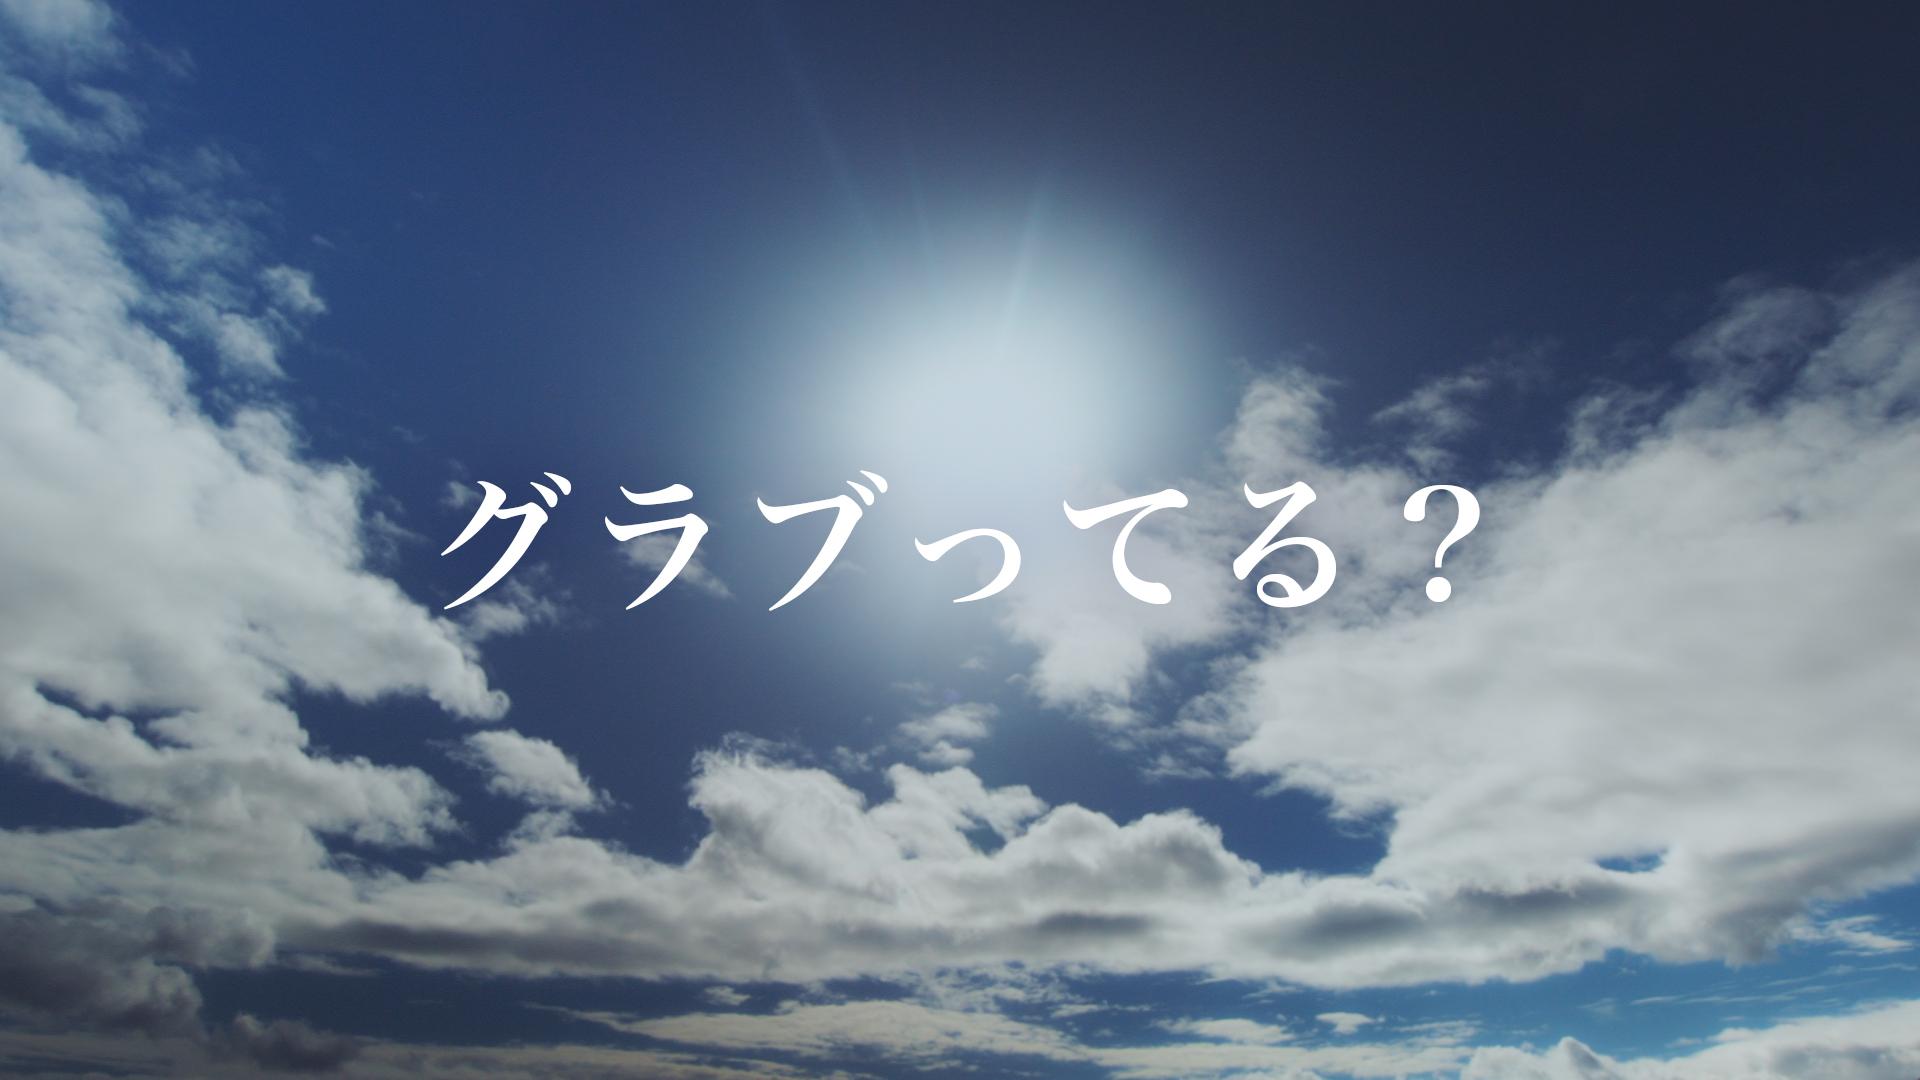 「グランブルーファンタジー」新CM「Go into the blue」篇 2